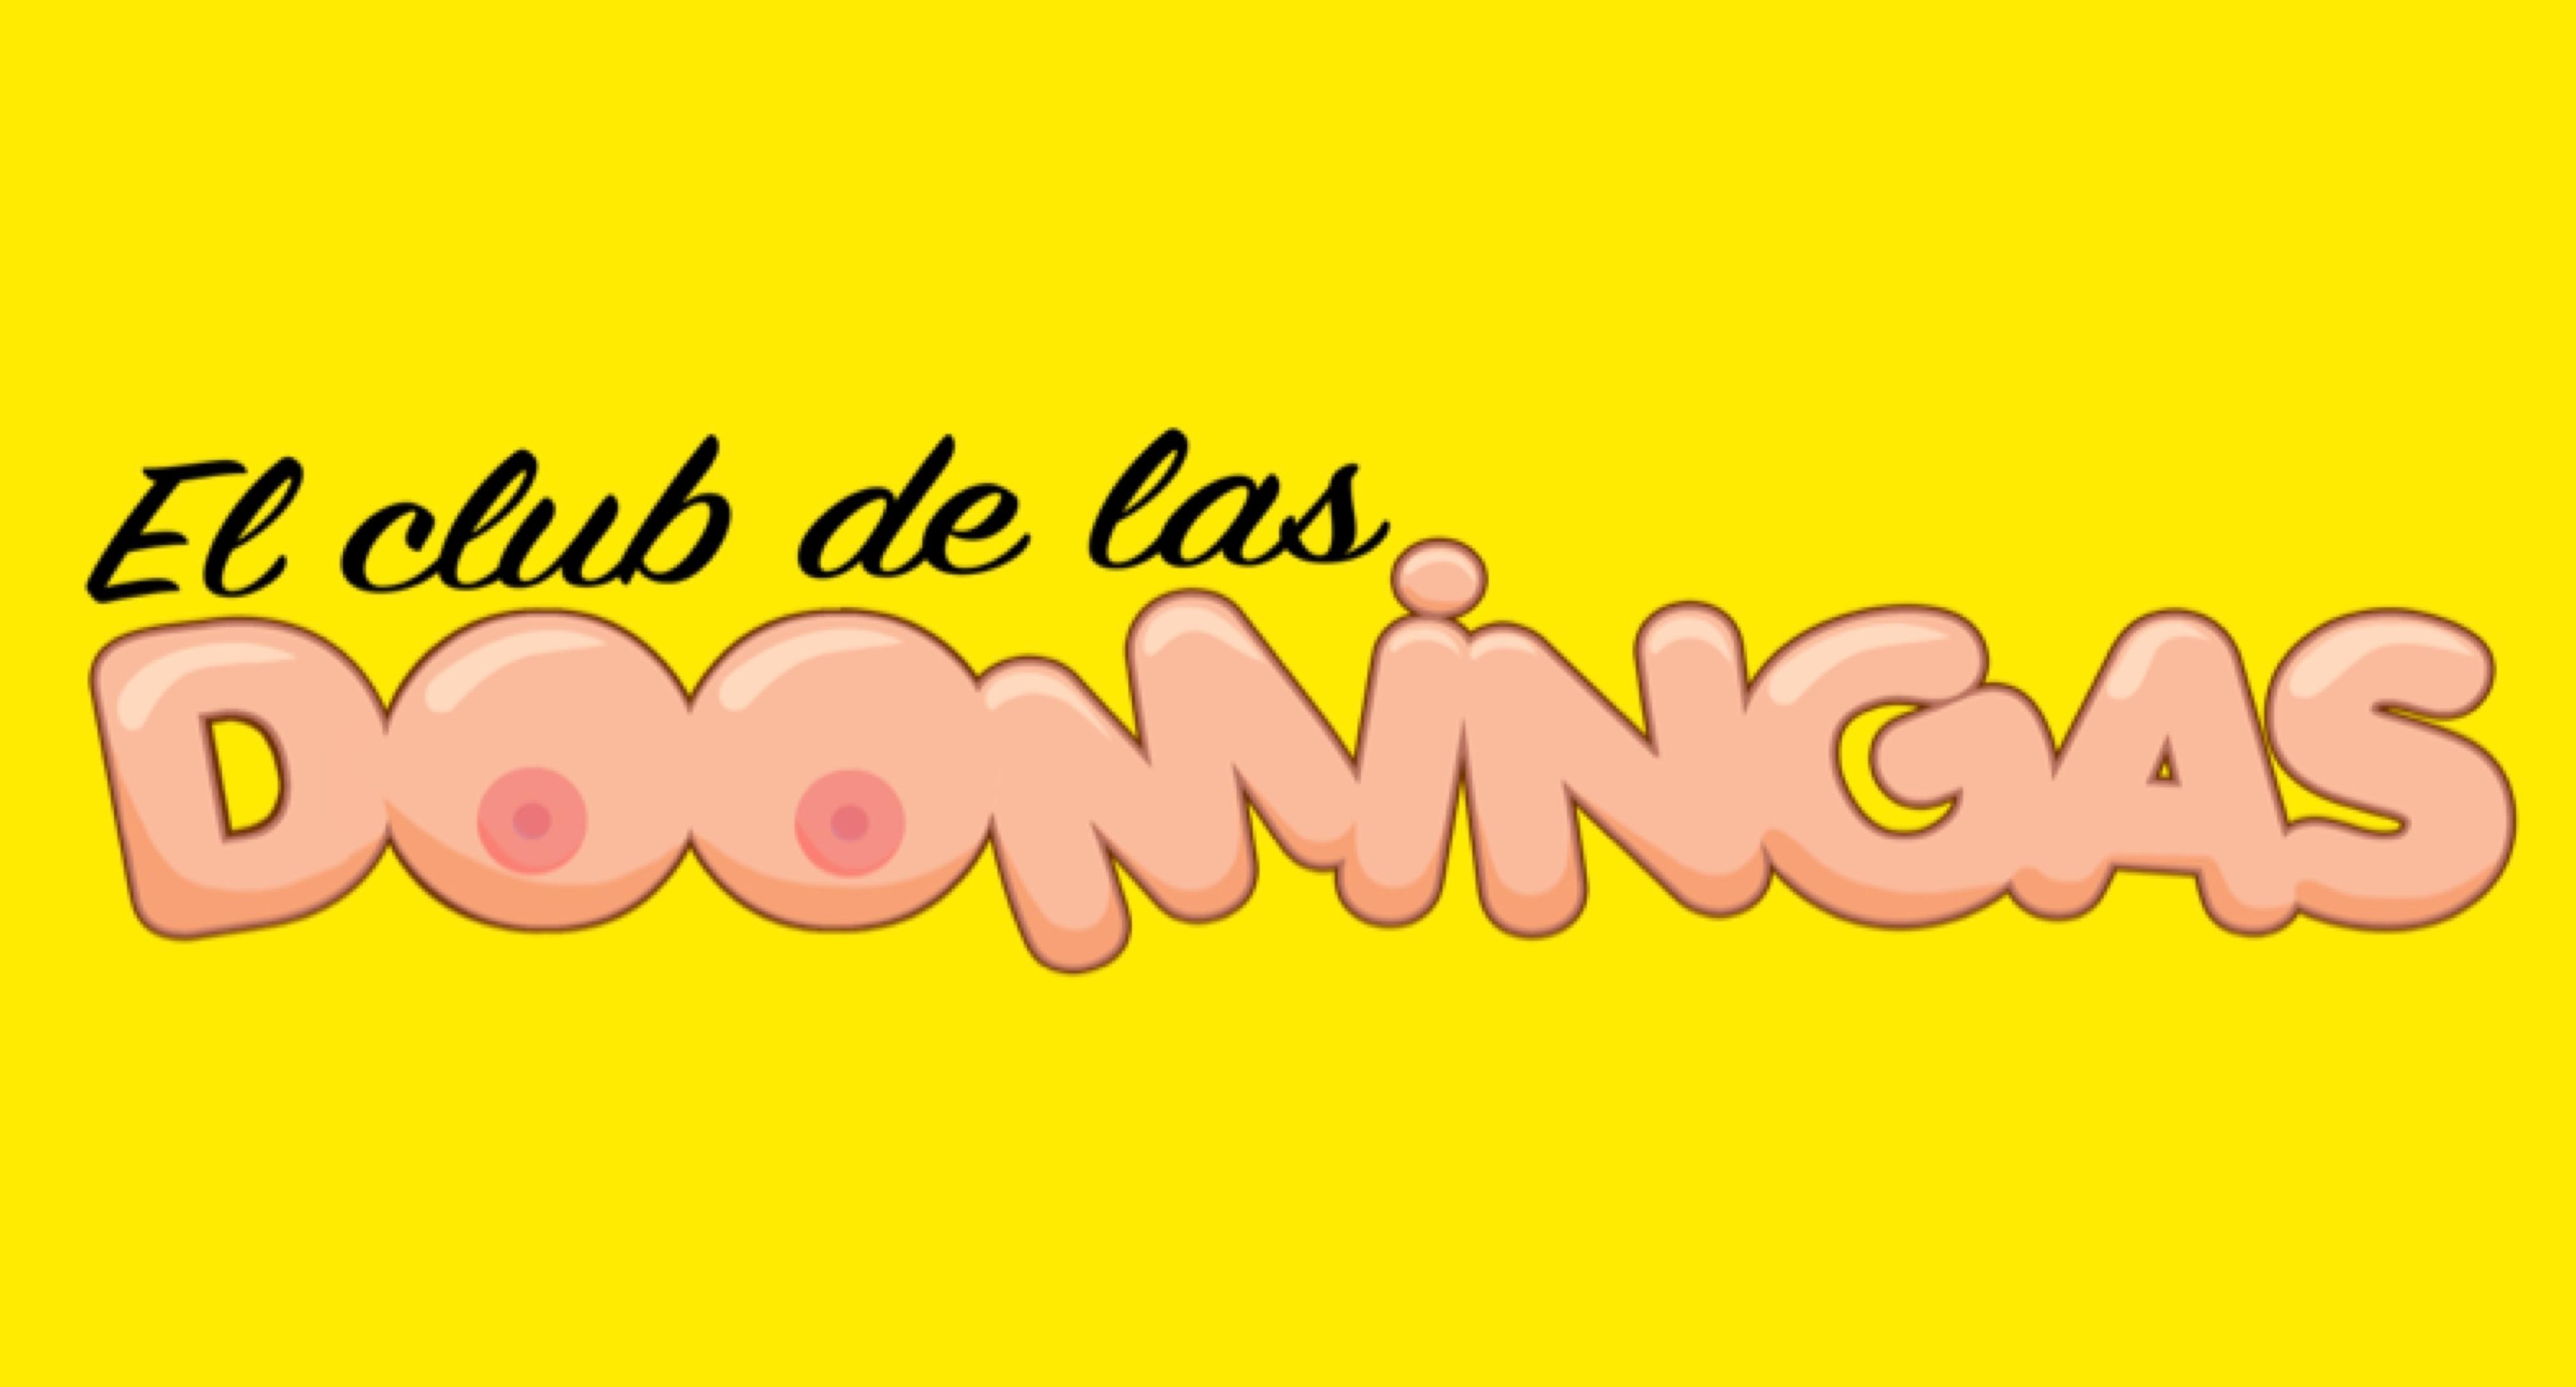 Logo nuevo doomingas